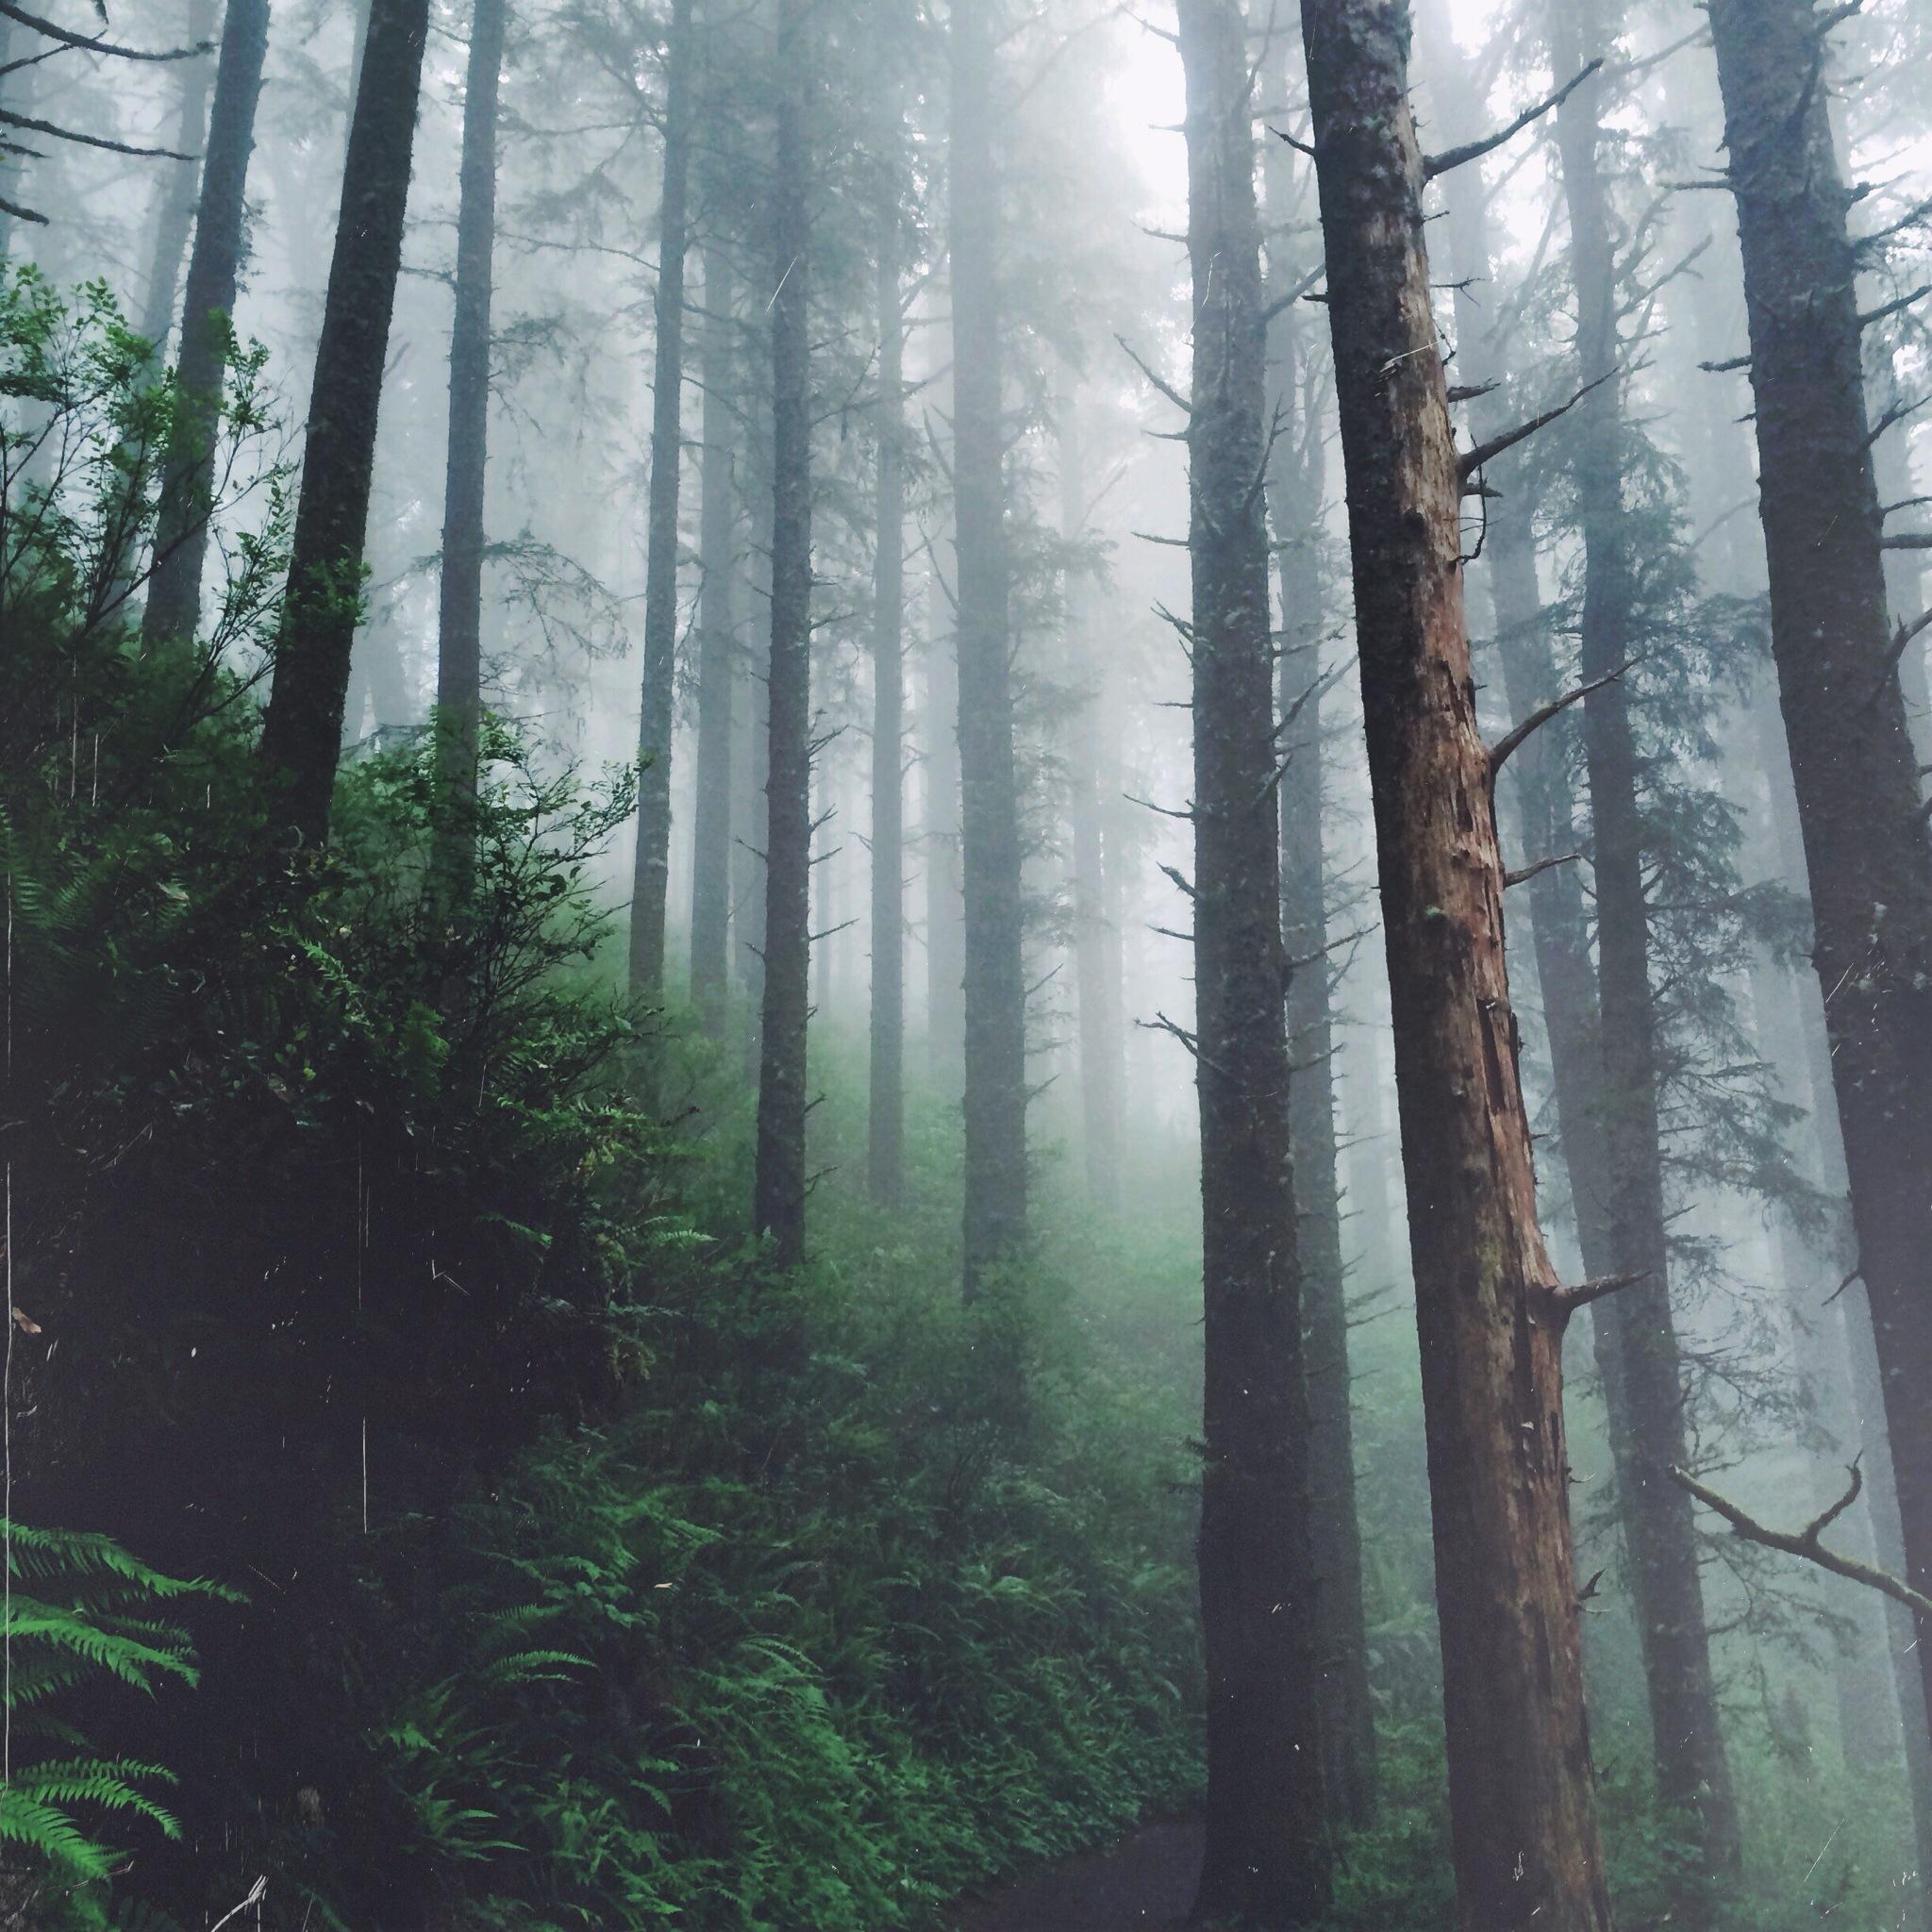 Тайга площадью 12  млн. км2  - самый большой лесной регион на Земле, потом идет Амазонка.